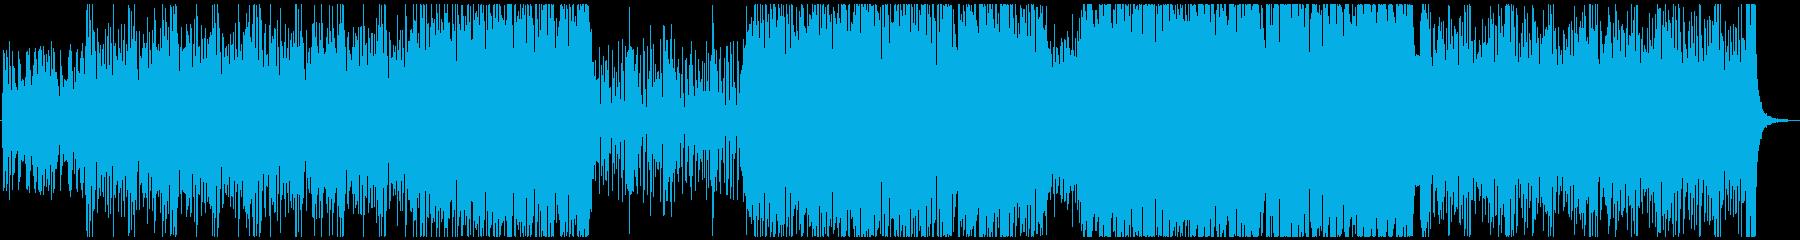 疾走するピアノトリオジャズの再生済みの波形